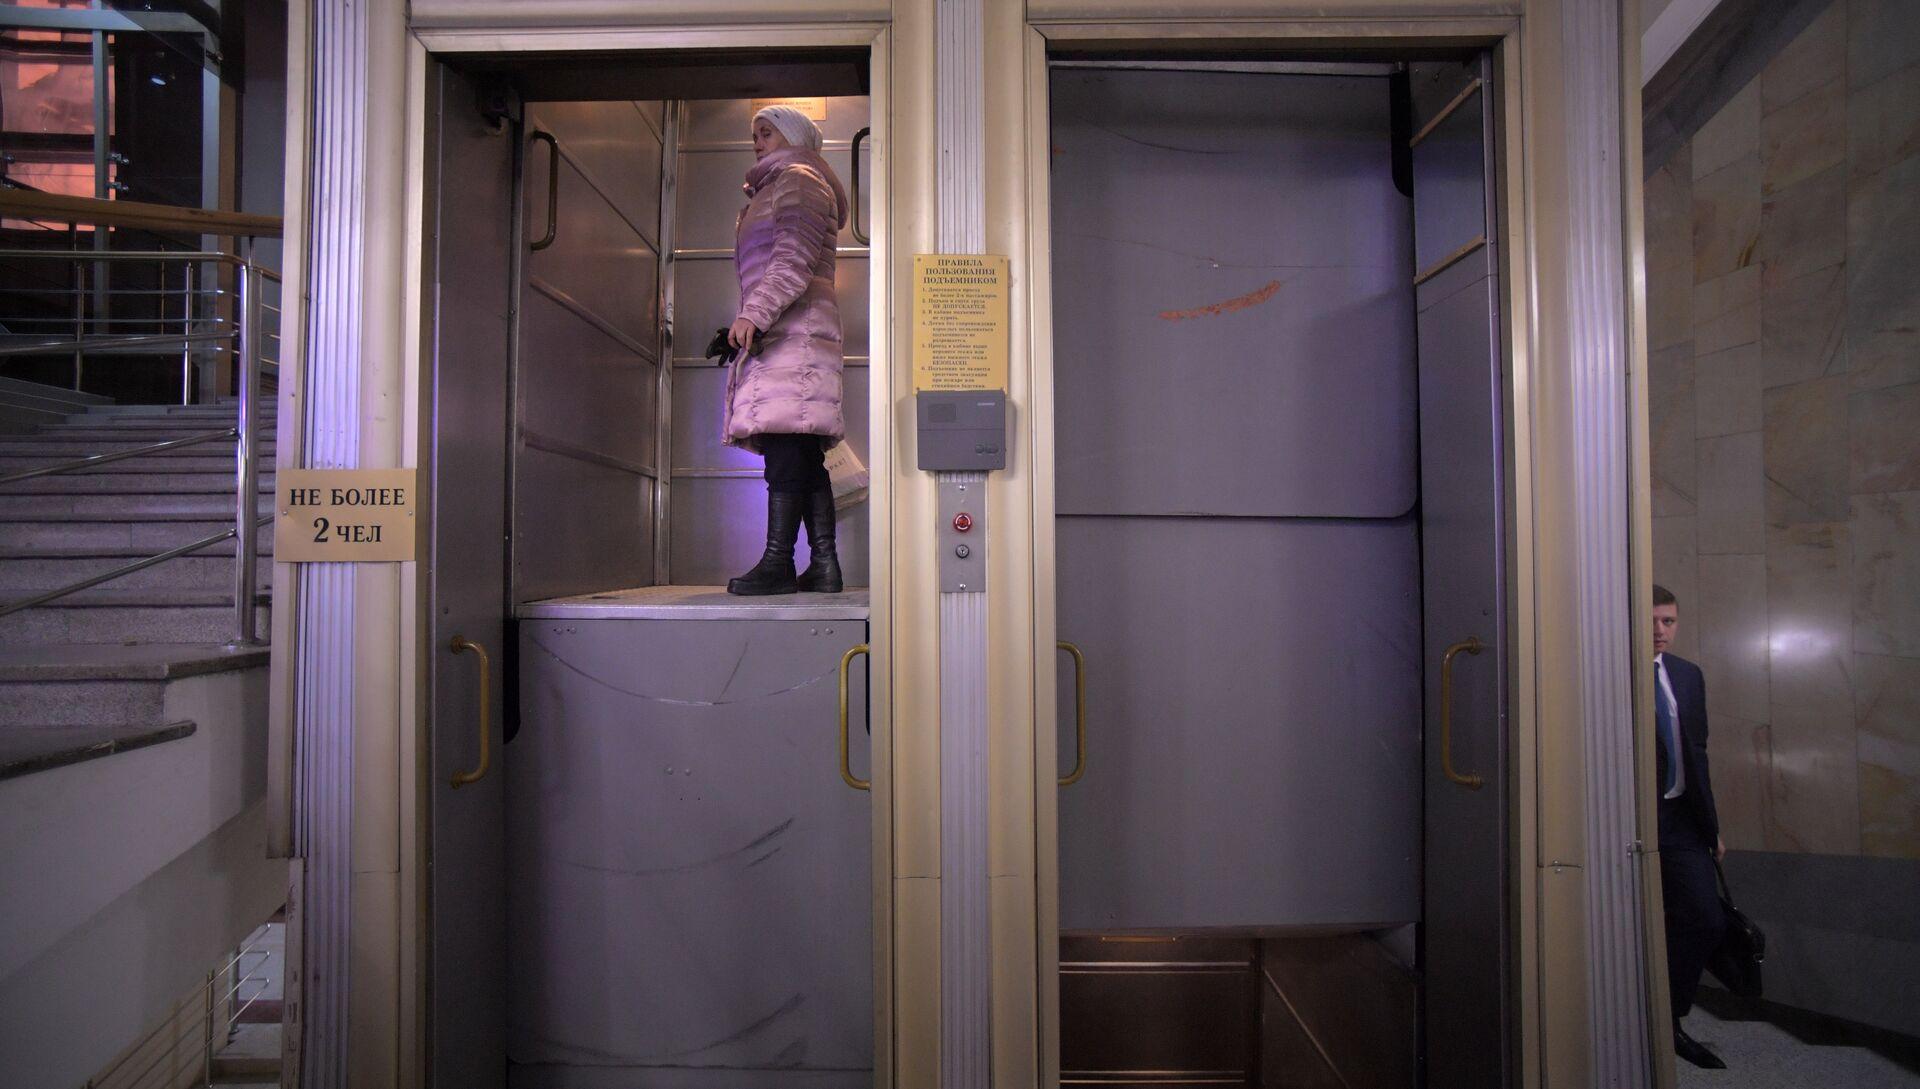 Вечные четки: как выглядит последний лифт патерностер в Москве - РИА Новости, 1920, 26.02.2018